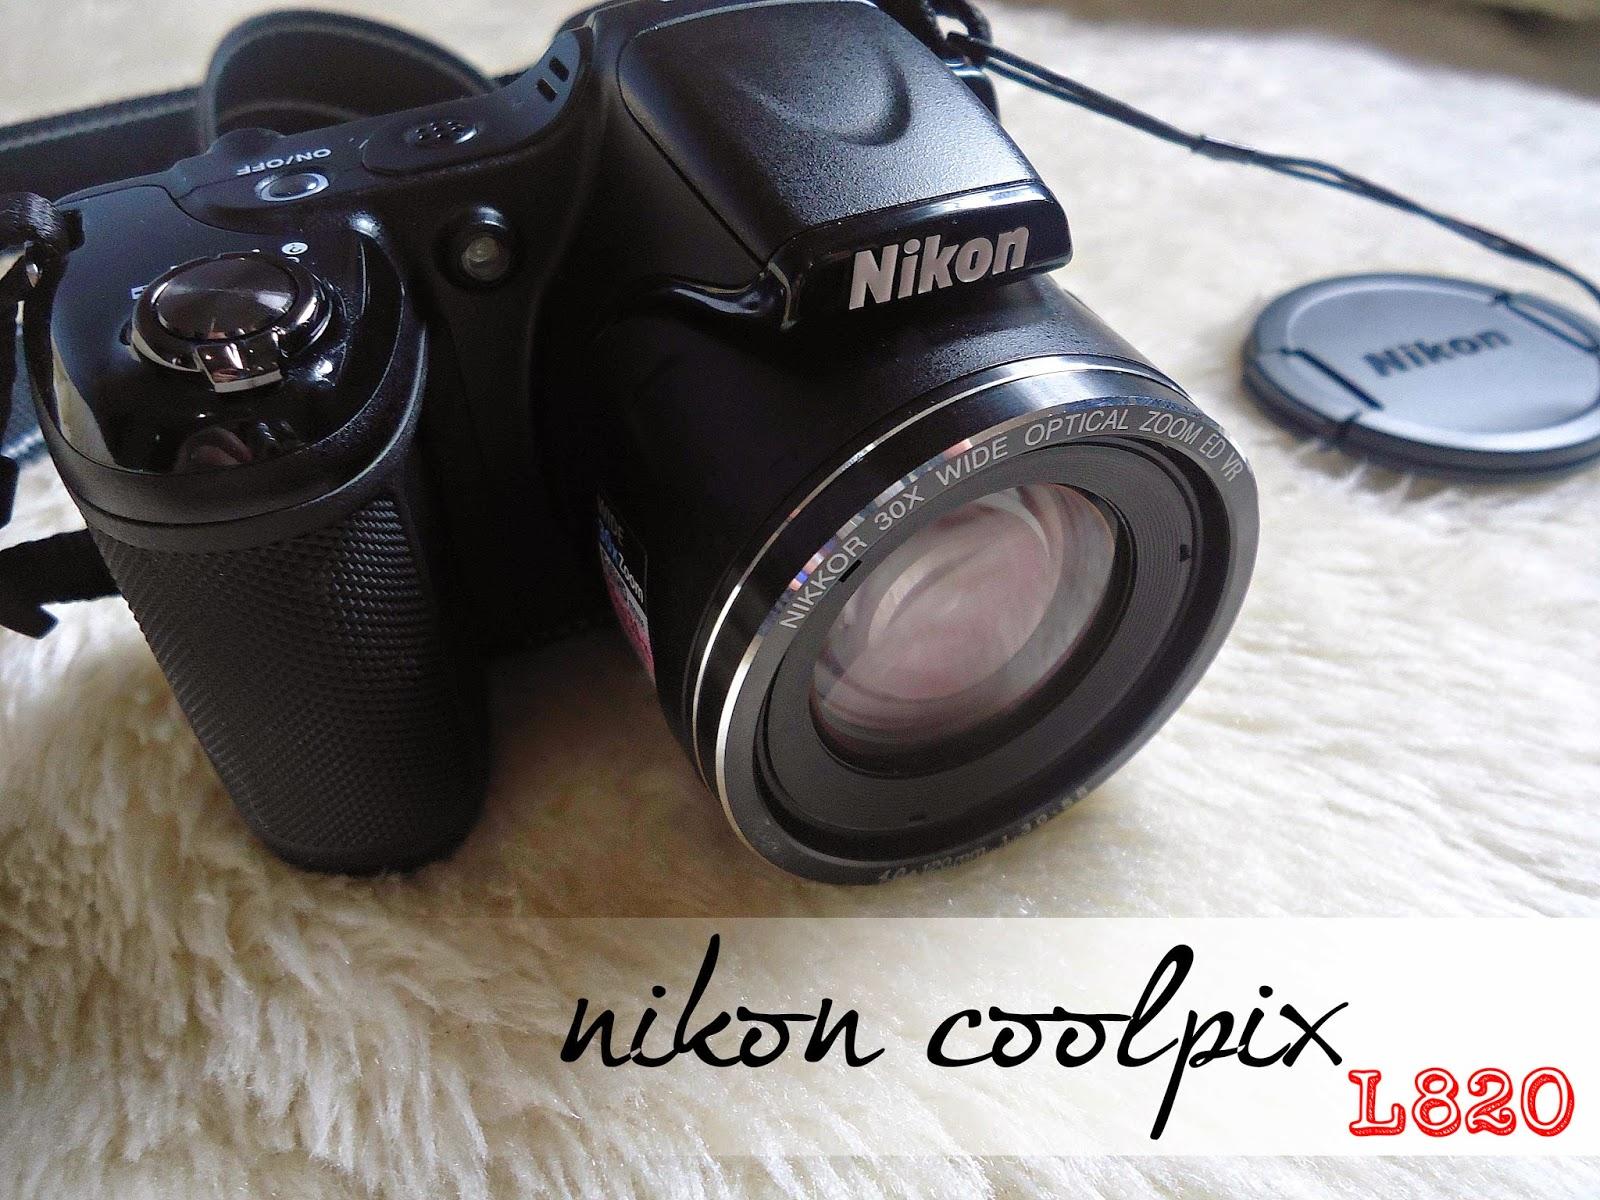 Maquina fotografica nikon l820 36